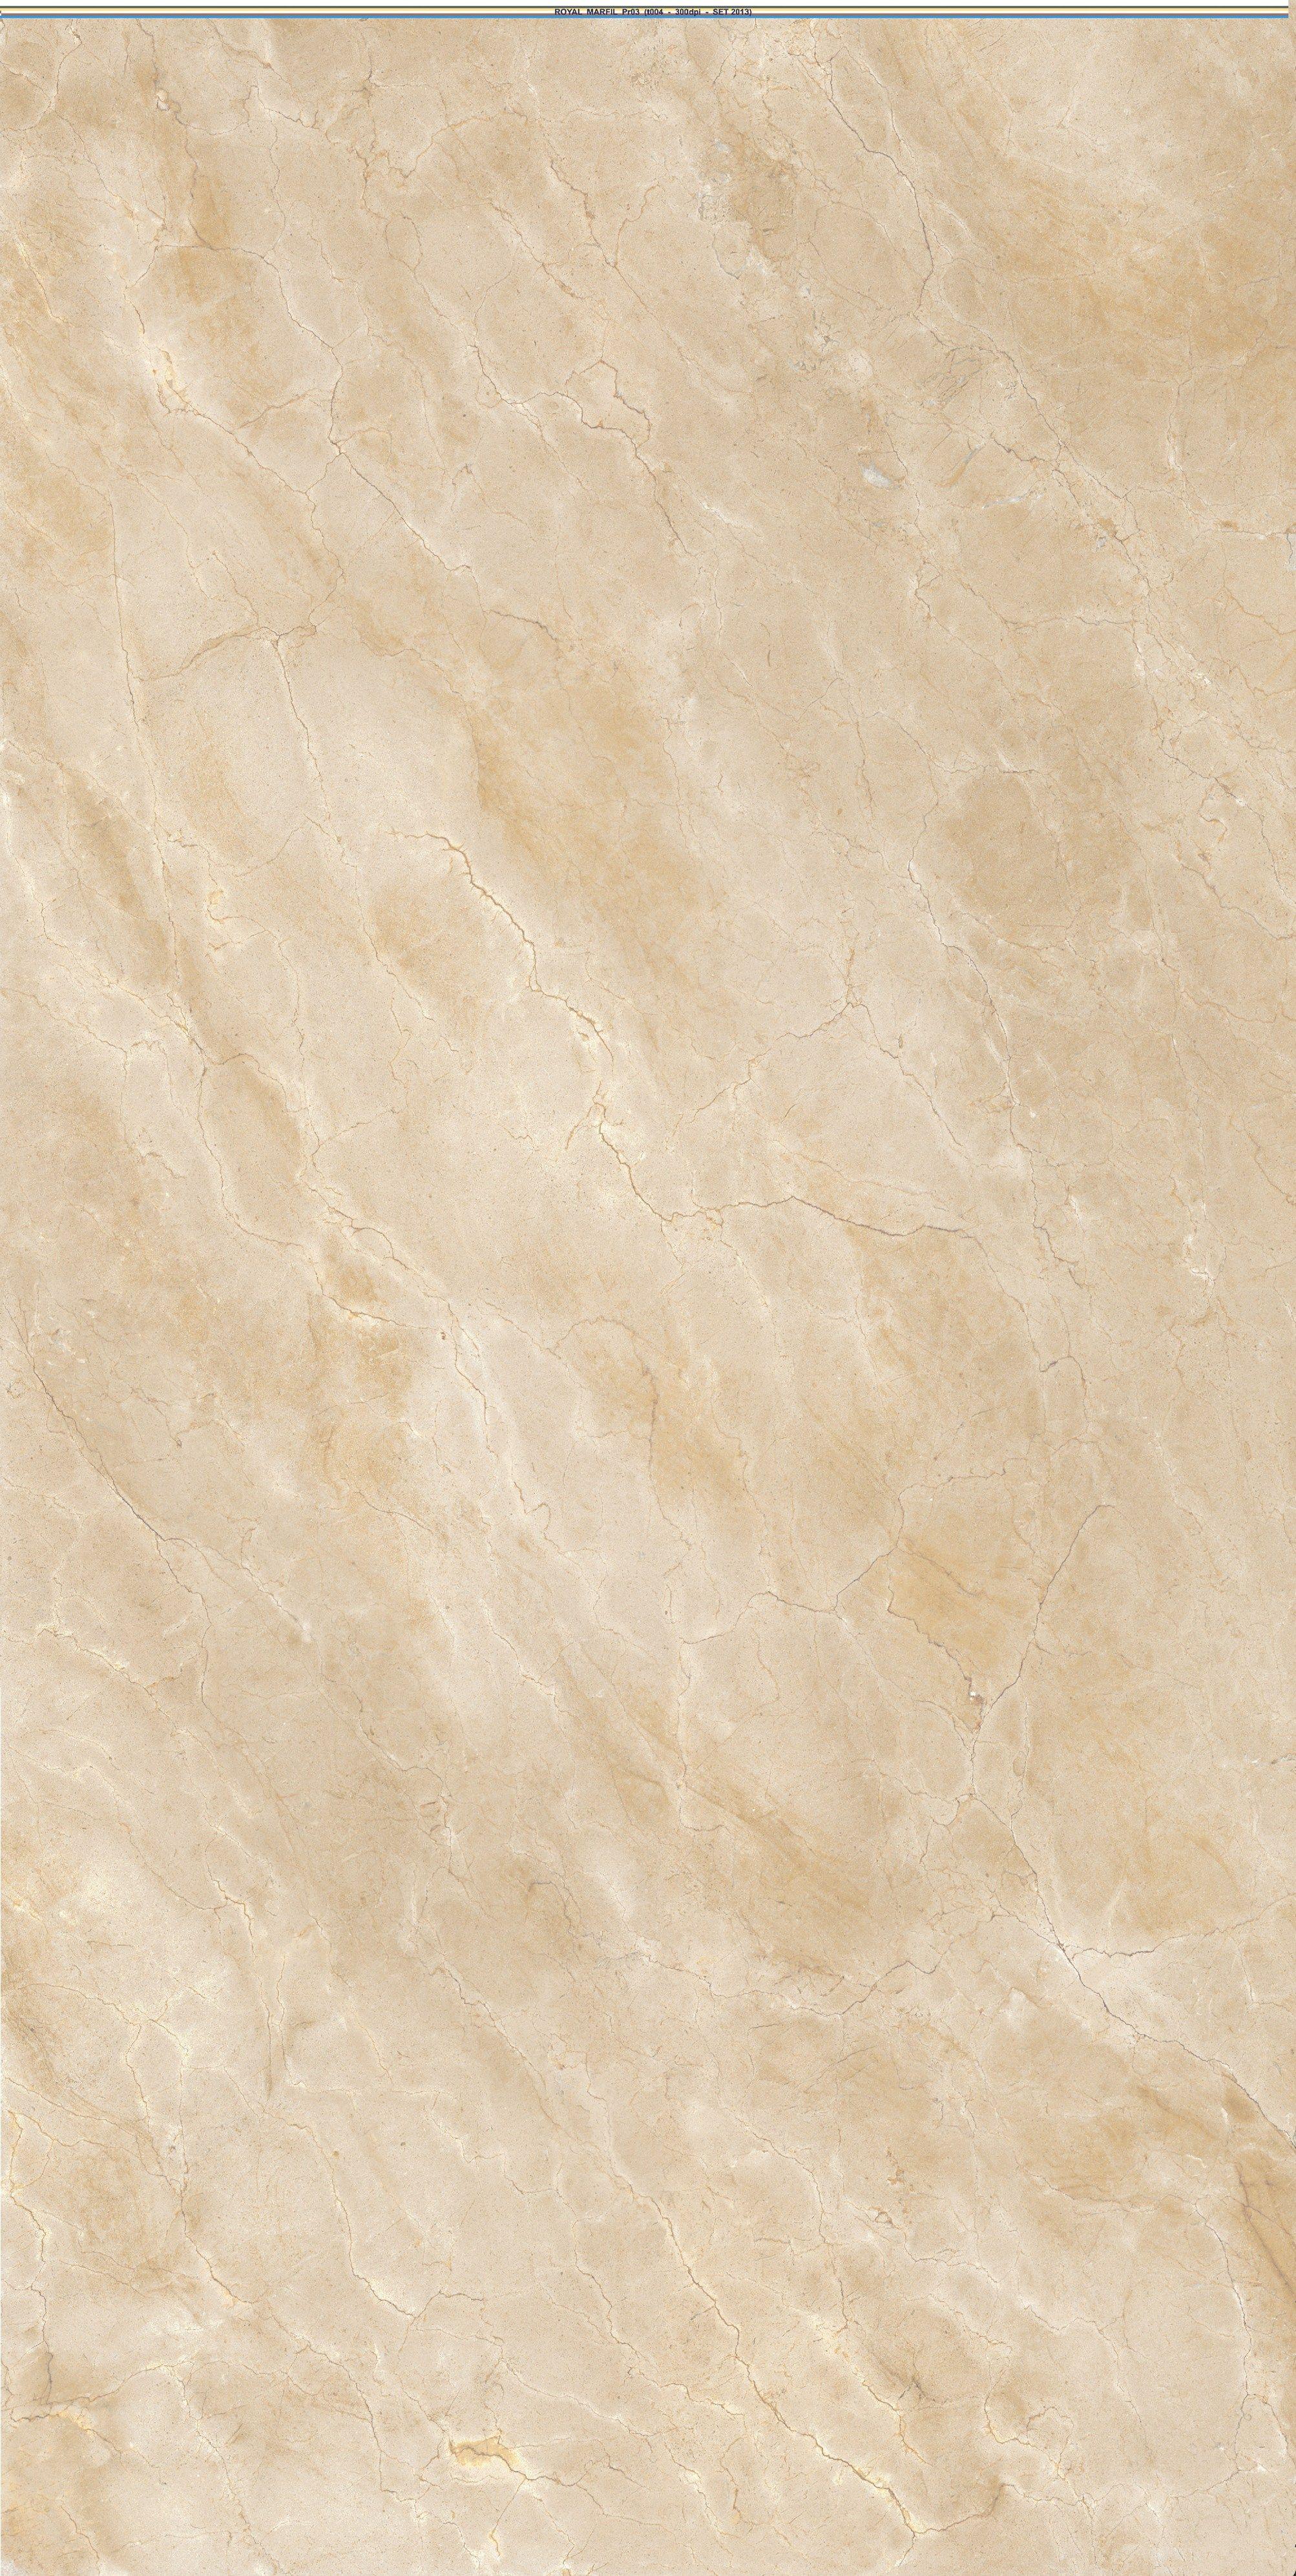 Pavimento Effetto Marmo Ultra Marmi Crema Marfil Ariostea